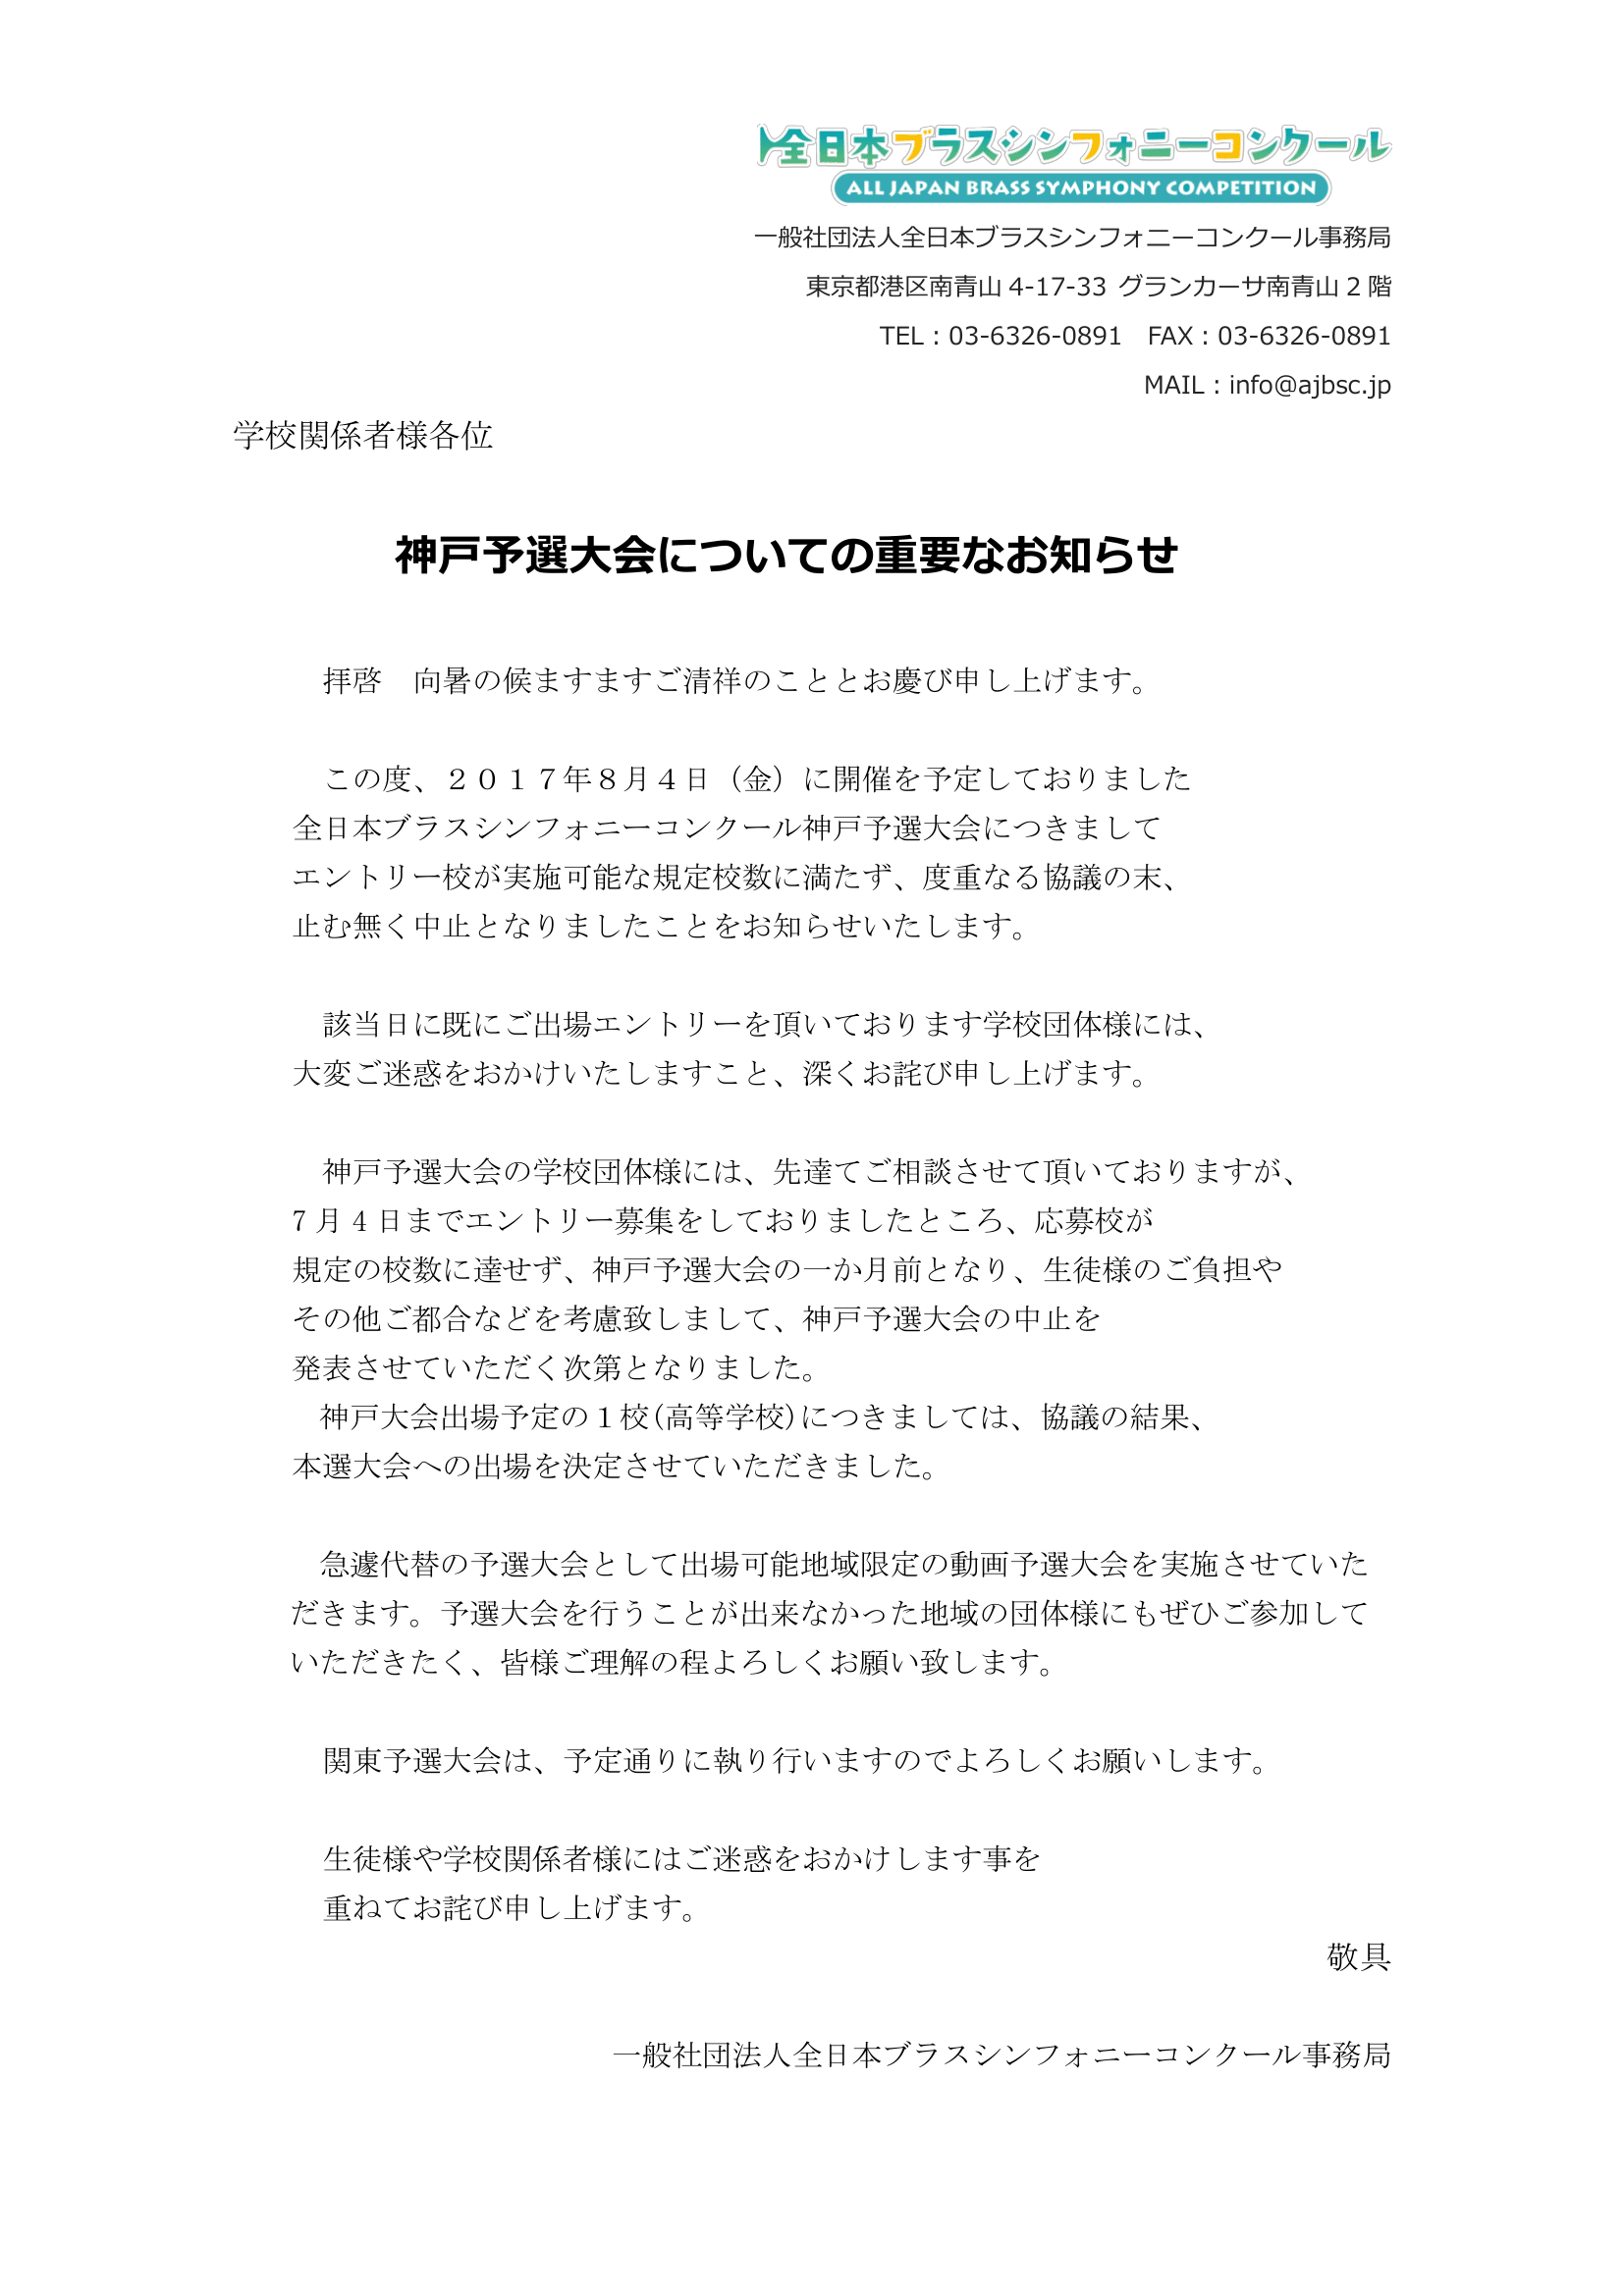 神戸予選大会中止について